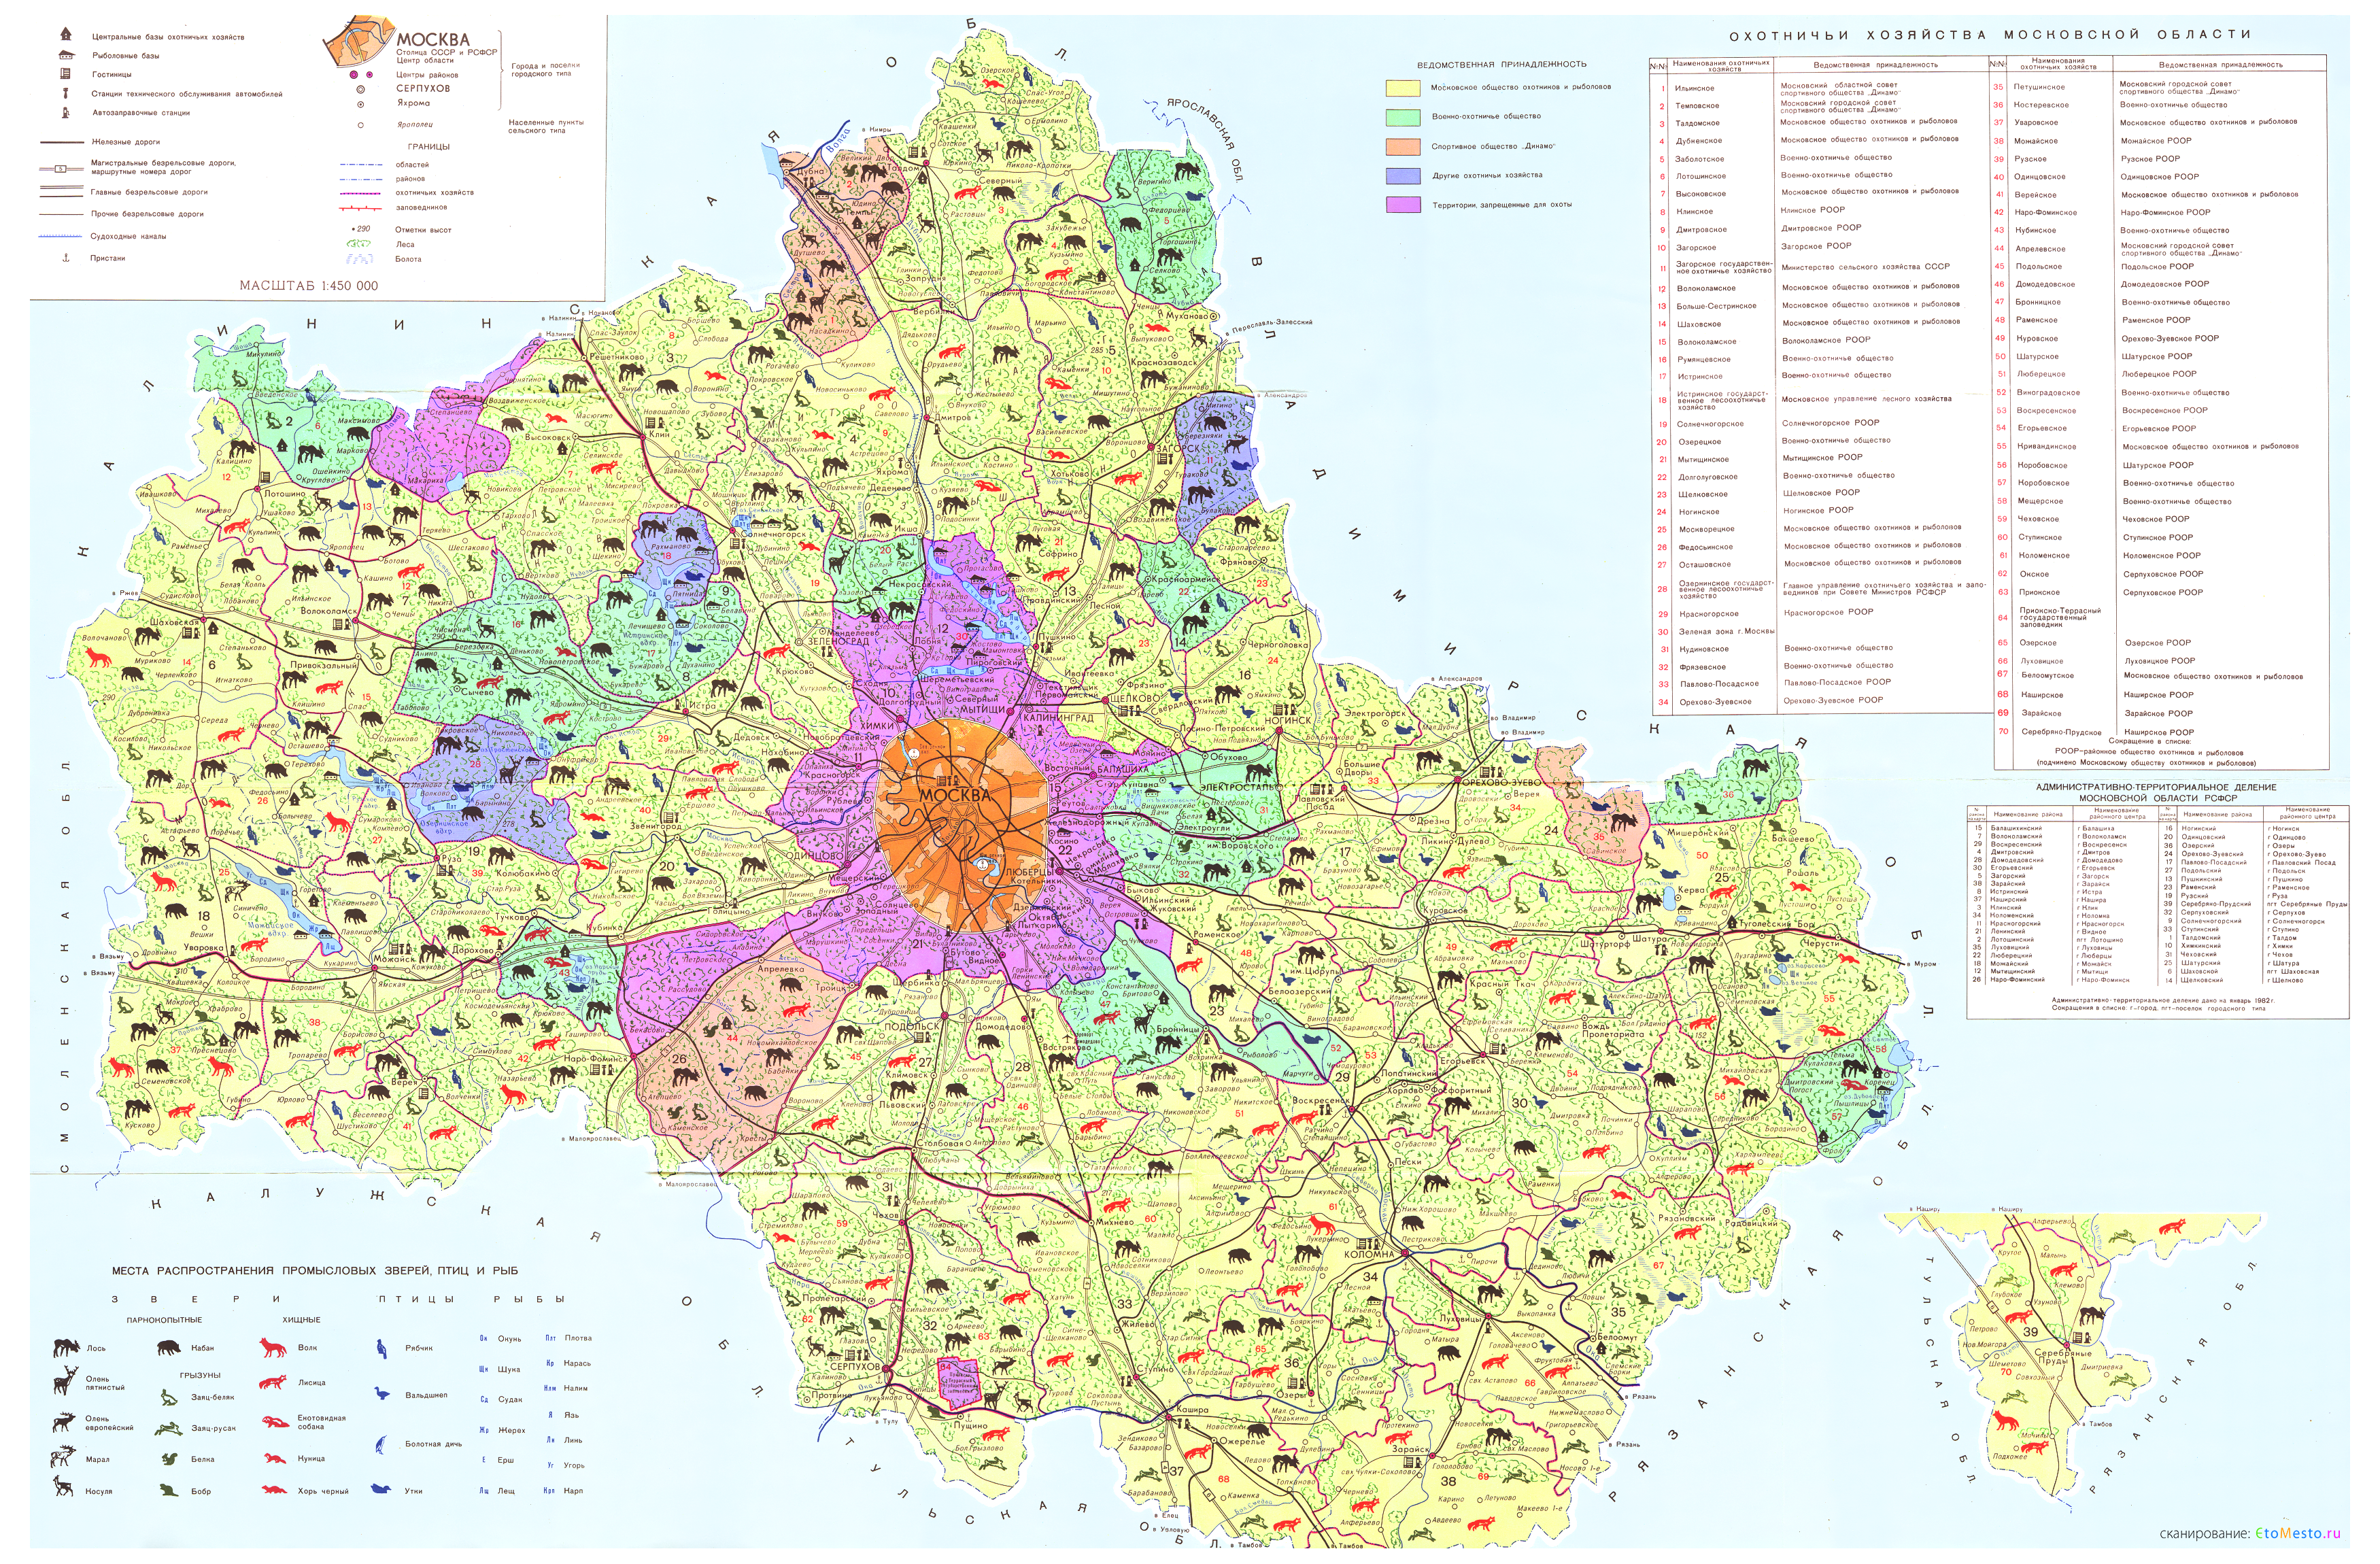 Карта для охотников и рыболовов. Московская область. скачать: http://www.etomesto.ru/karta809/